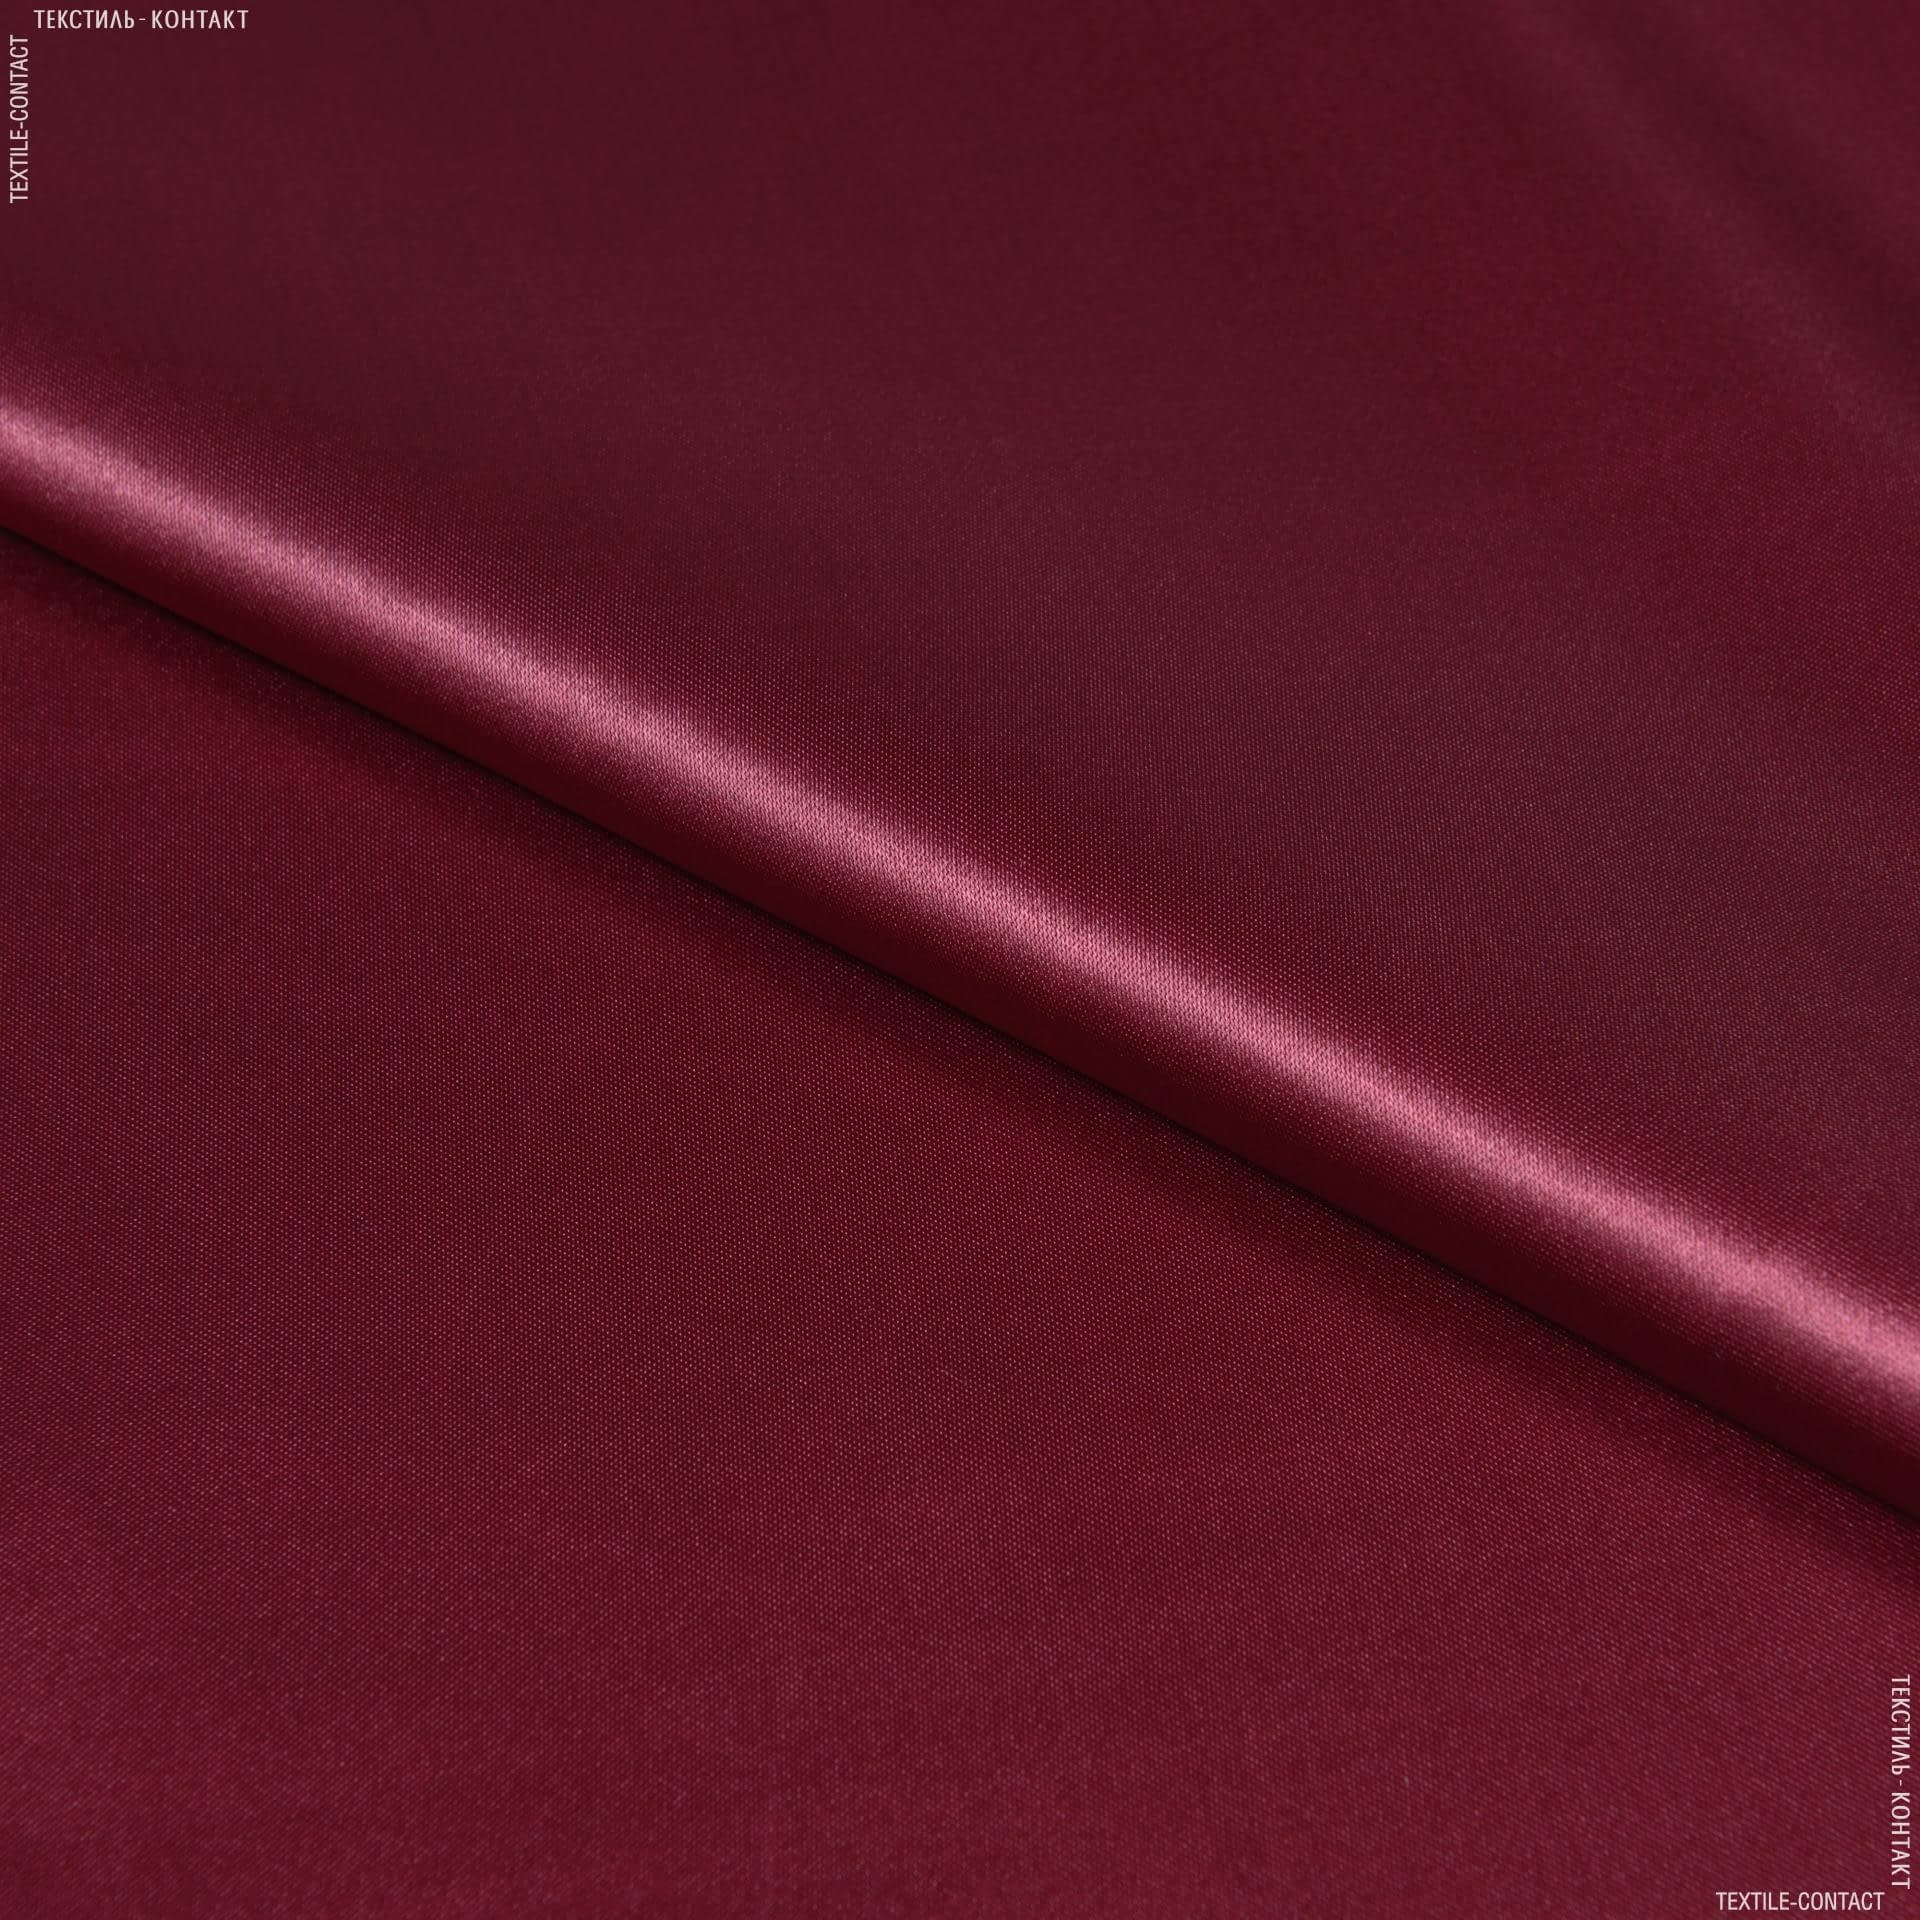 Тканини для костюмів - Атлас щільний червоно-бордовий